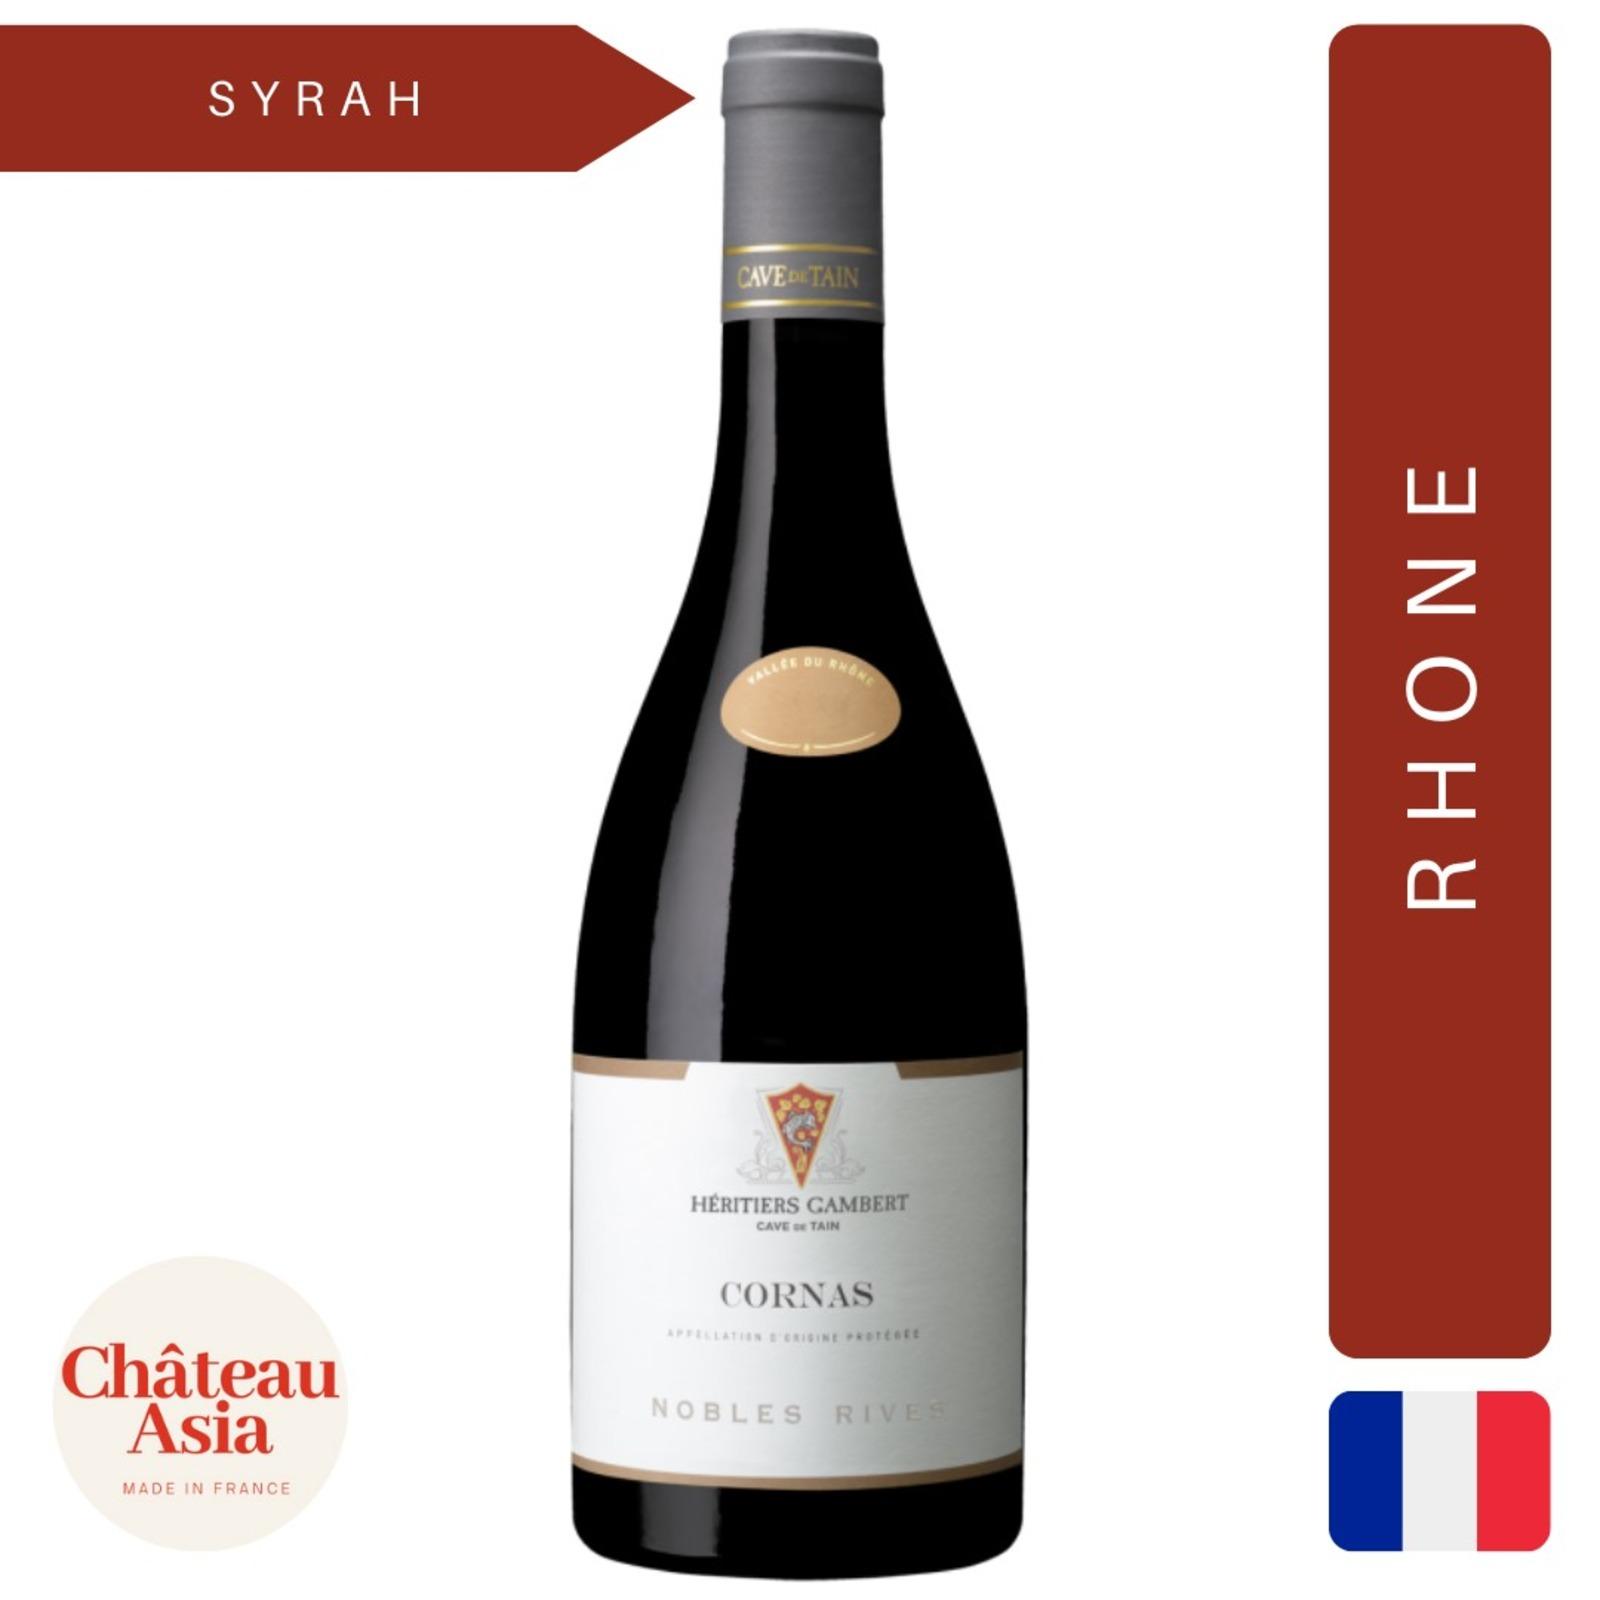 Cave de Tain - Cornas - Syrah - Red Wine